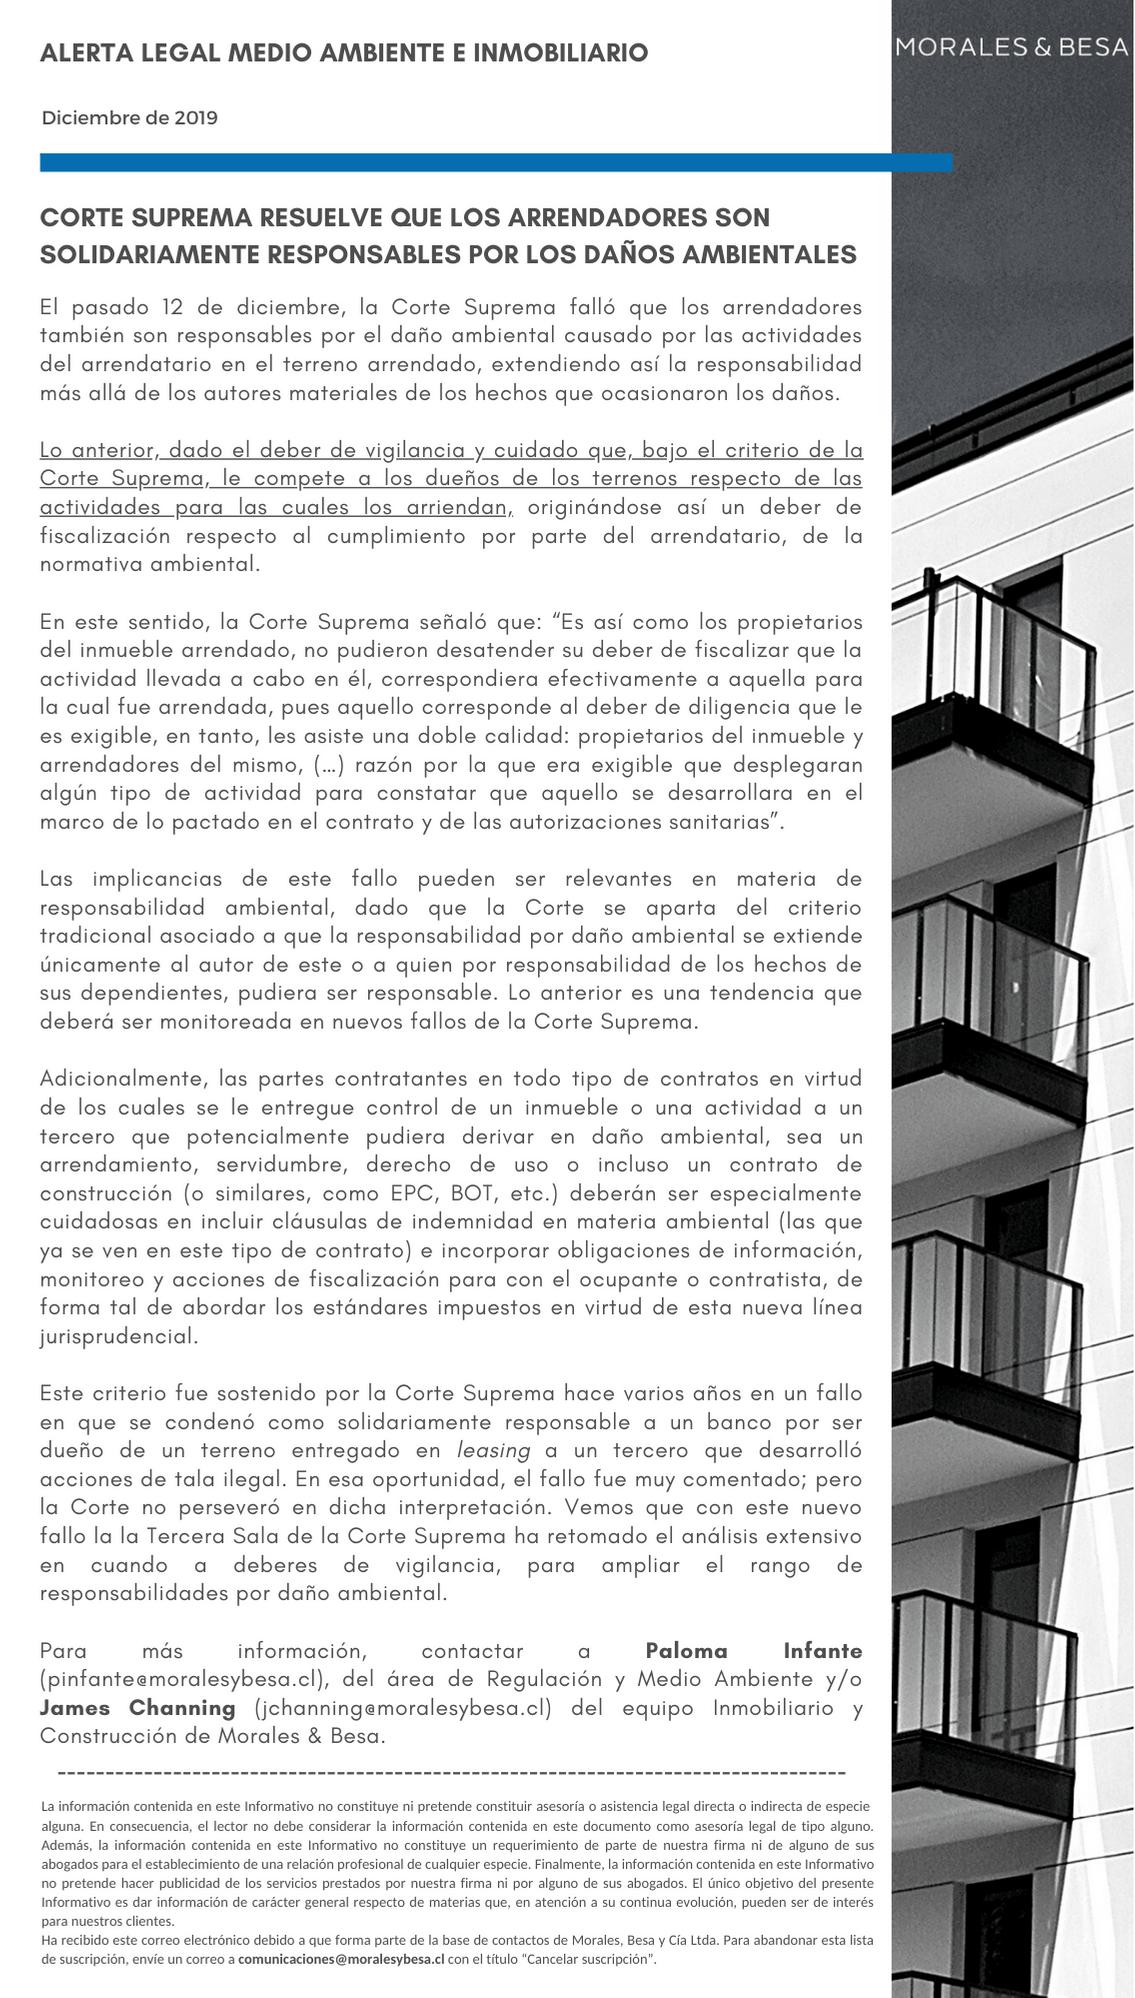 Alerta Legal M&B - Construcción y Medio Ambiente - Diciembre 2019